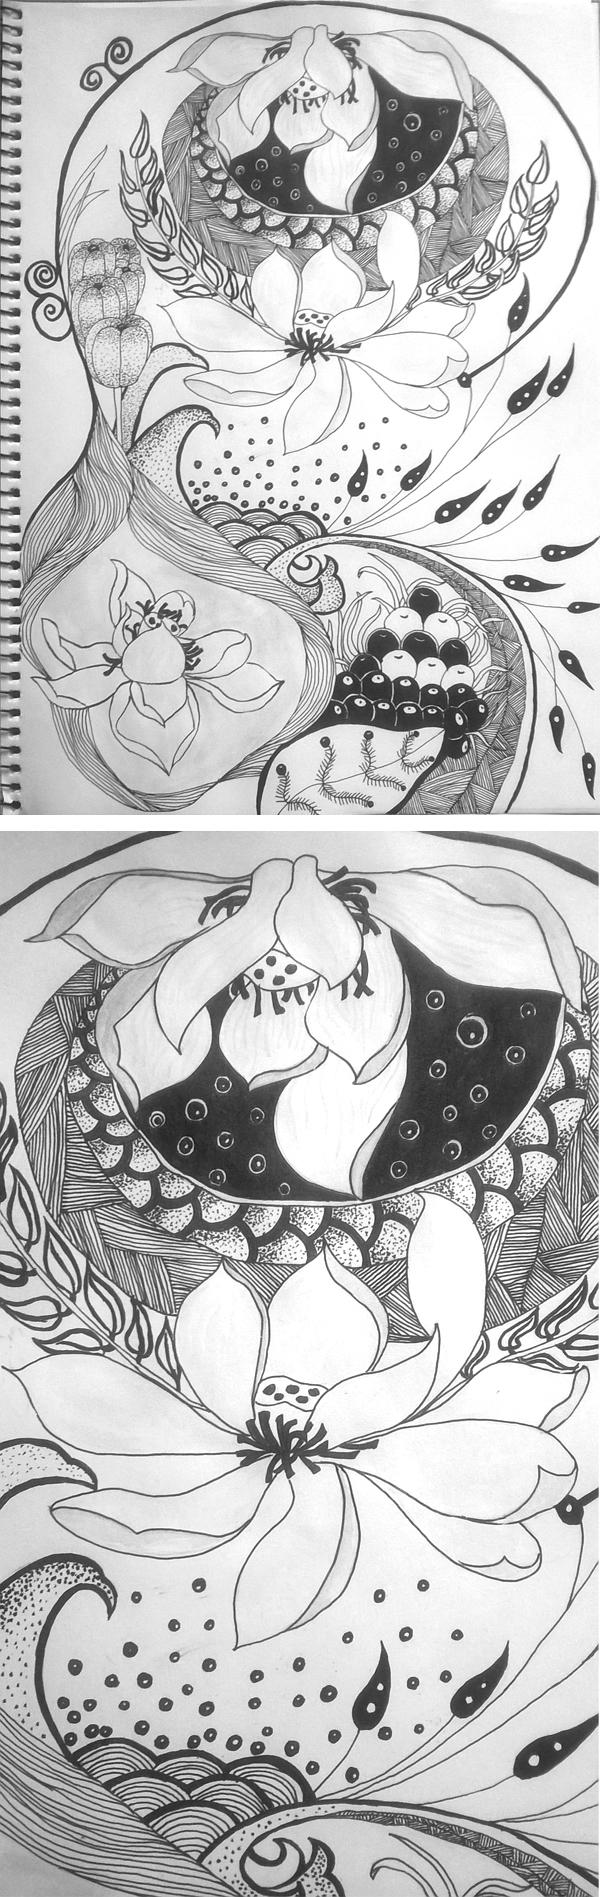 手绘线条练习|绘画习作|插画|花开在冬